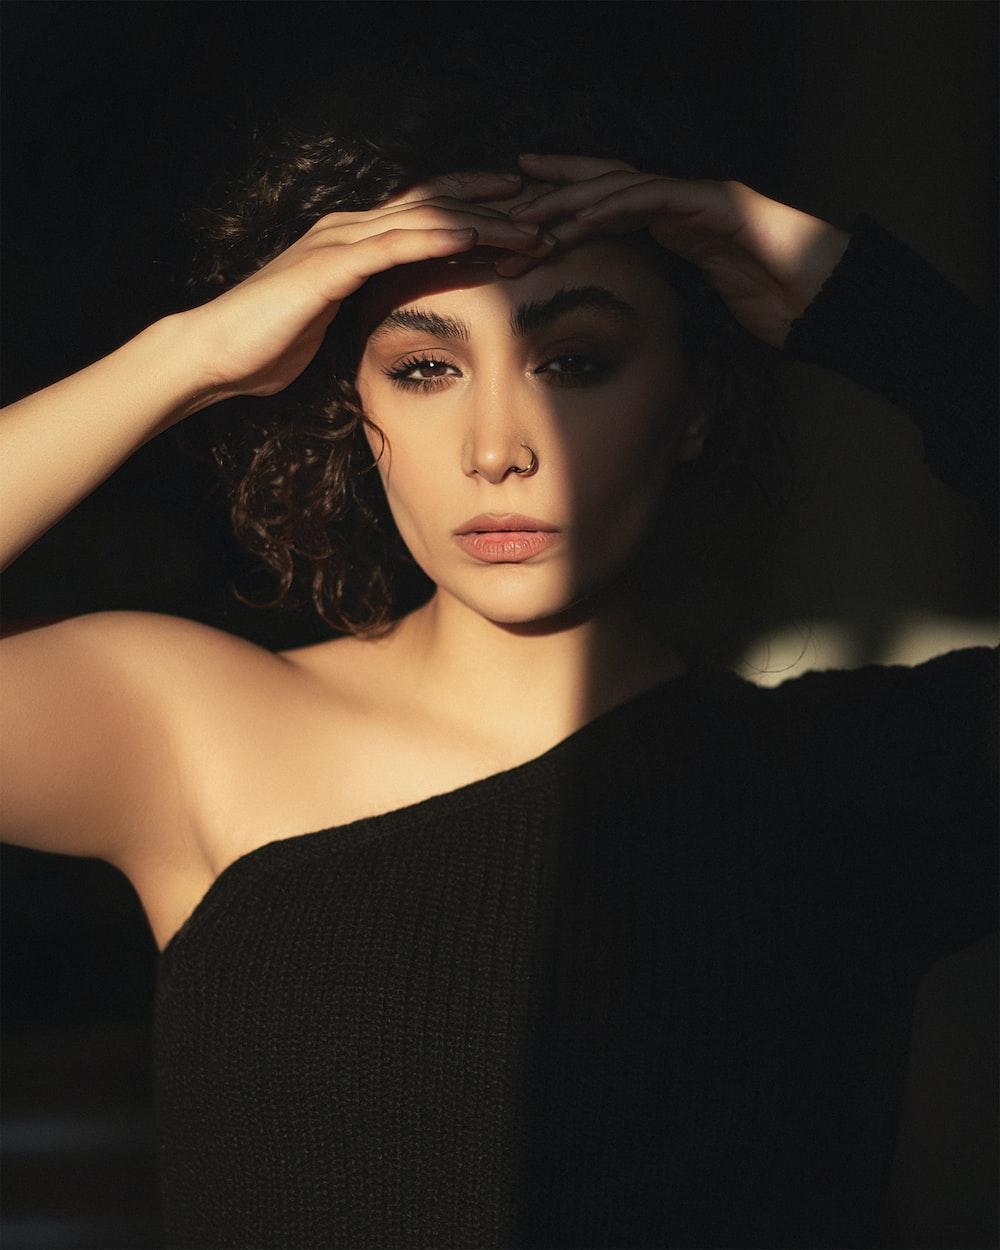 woman in black off shoulder dress